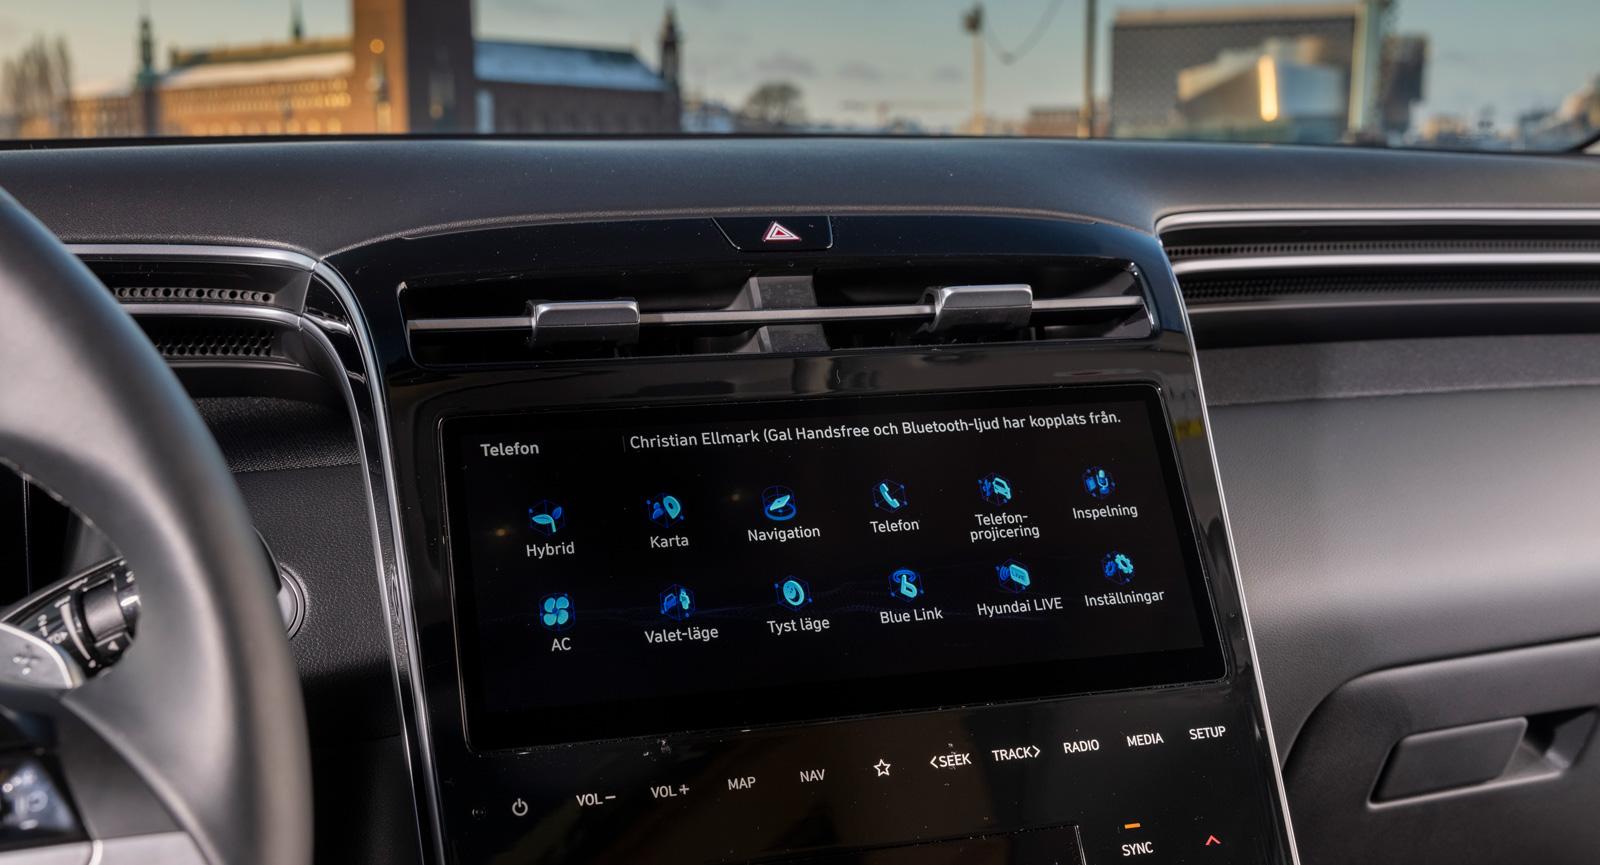 """Hyundai: Rejäl skärm med ett vilsamt """"hemläge"""". På bilden syns menyn för inställningar och funktioner. Upplägget är identiskt med Hyundai i10 och är omfattande men överblickbart. Blank och troligen repkänslig plast."""